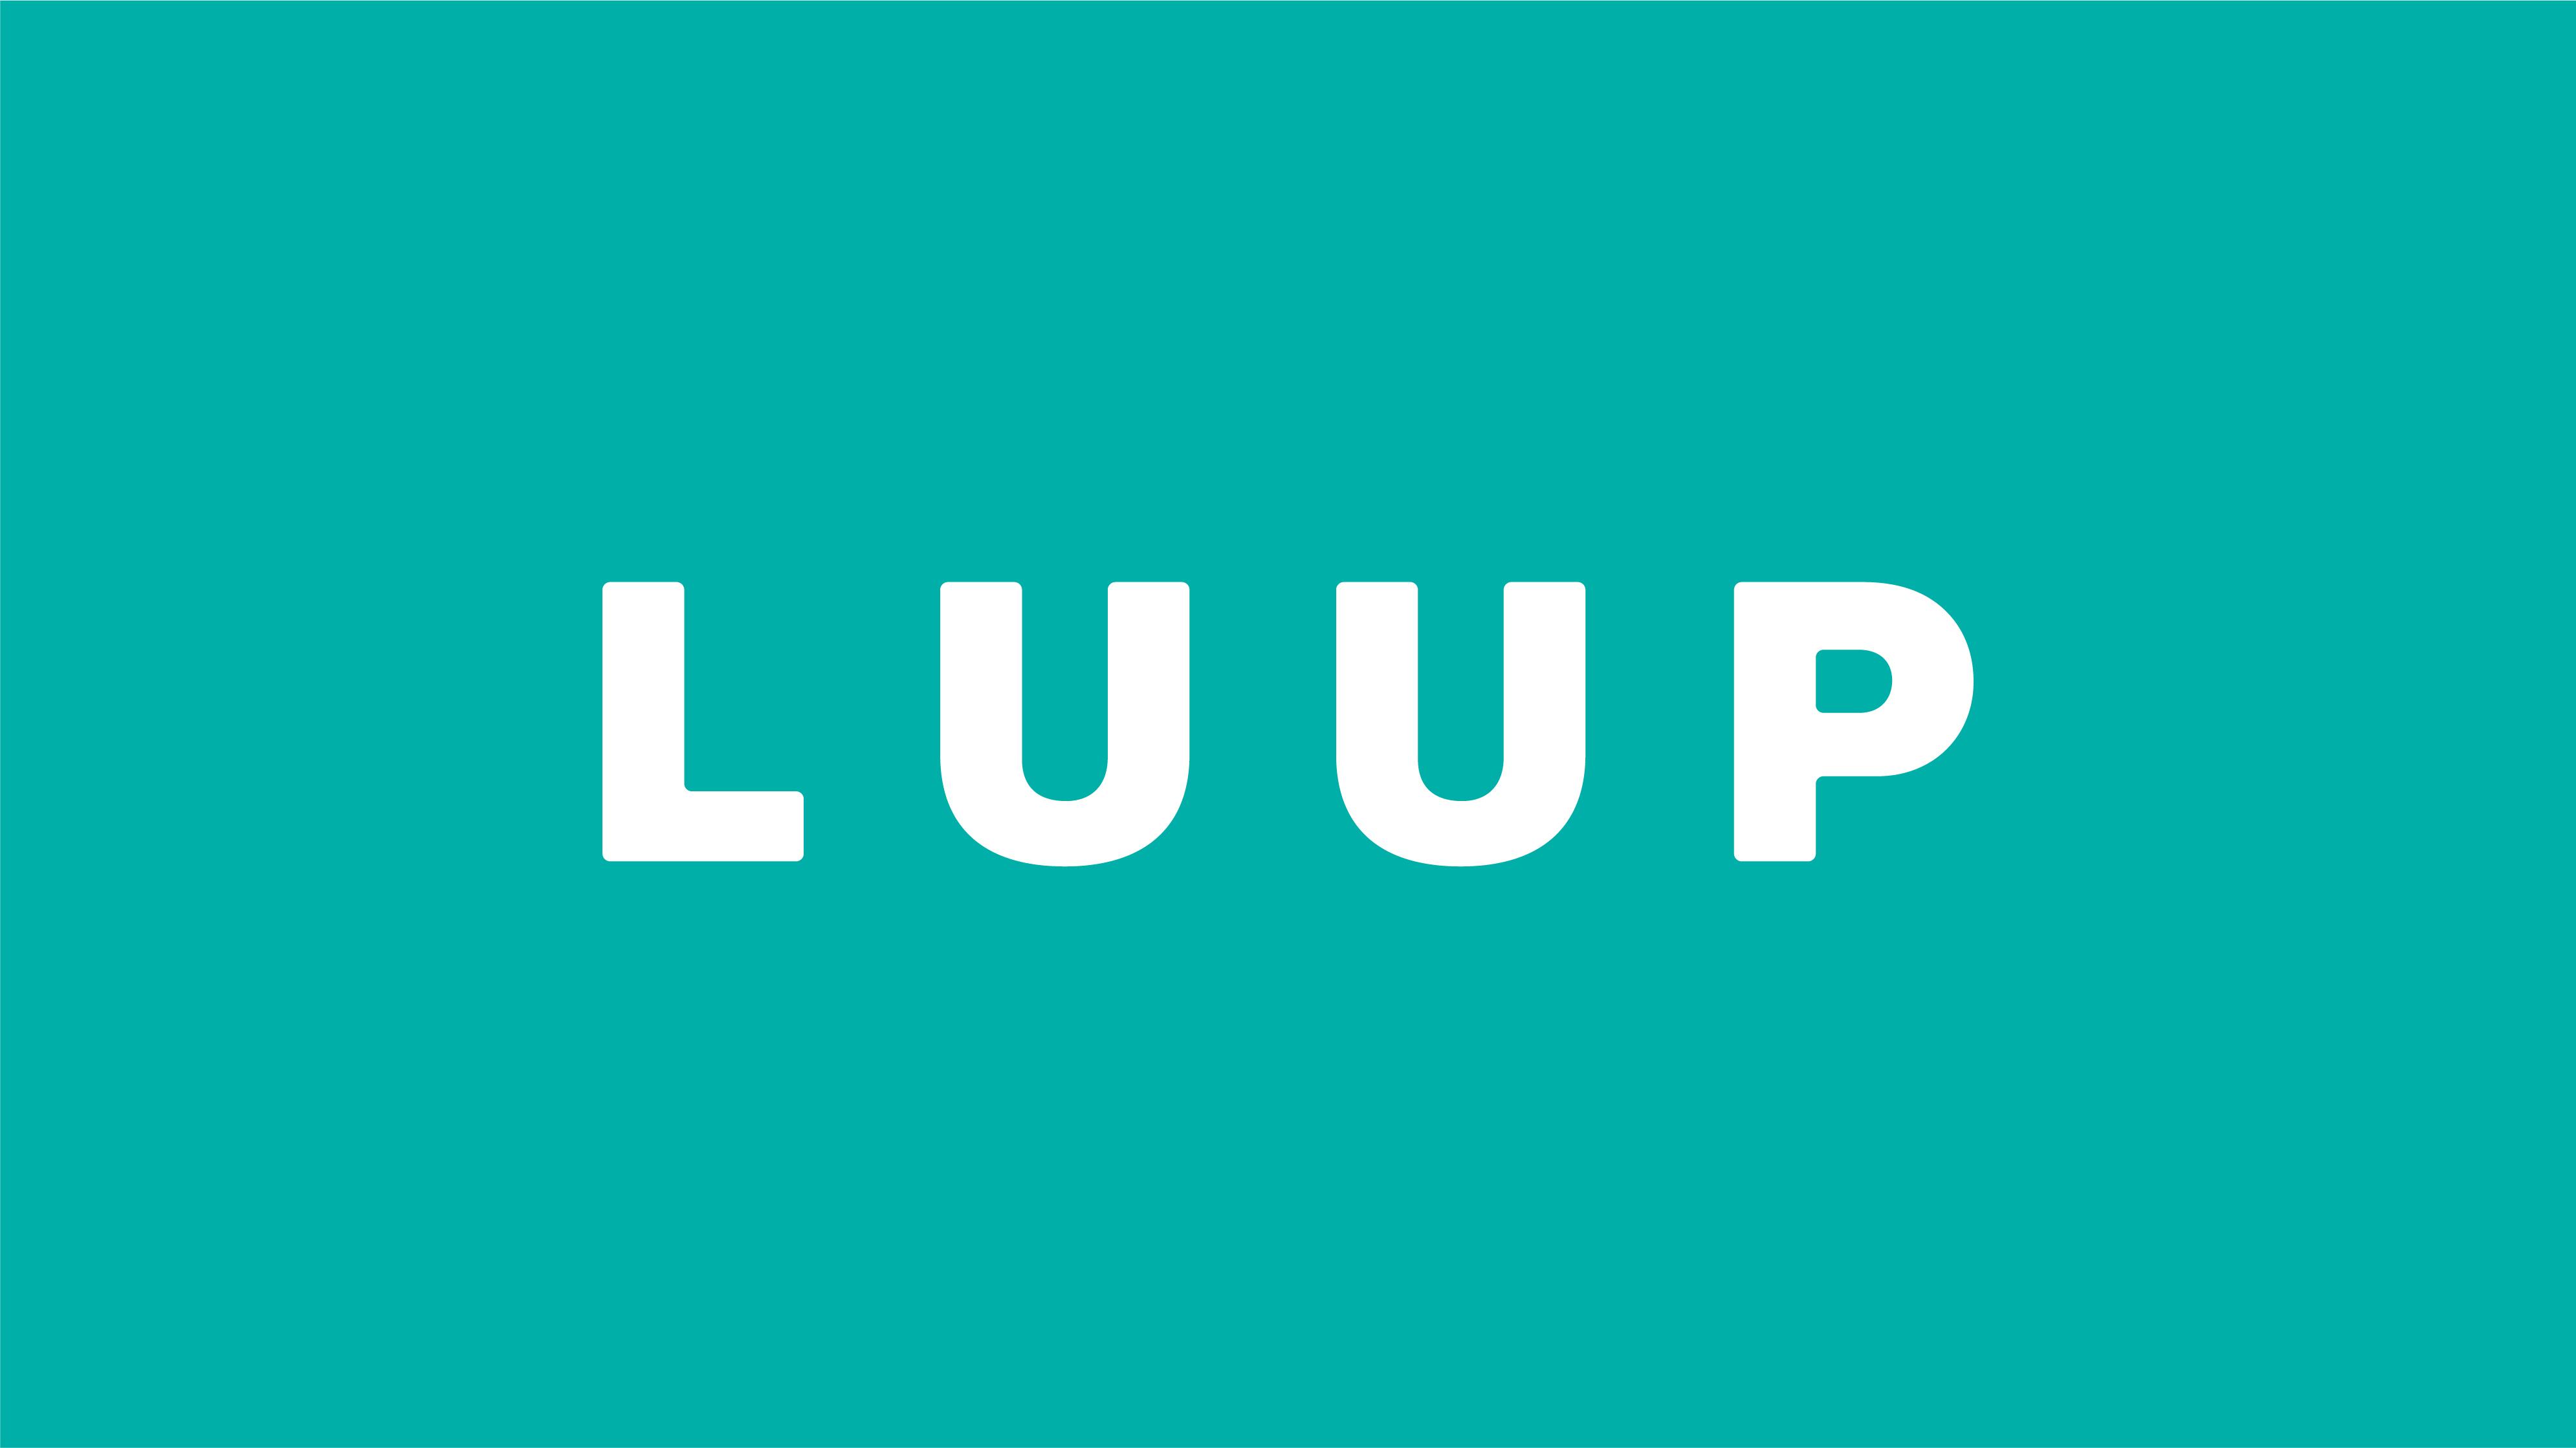 【EVENT】新マイクロモビリティ!電動キックボード「LUUP」千代田区・中央区でも実証実験スタート!